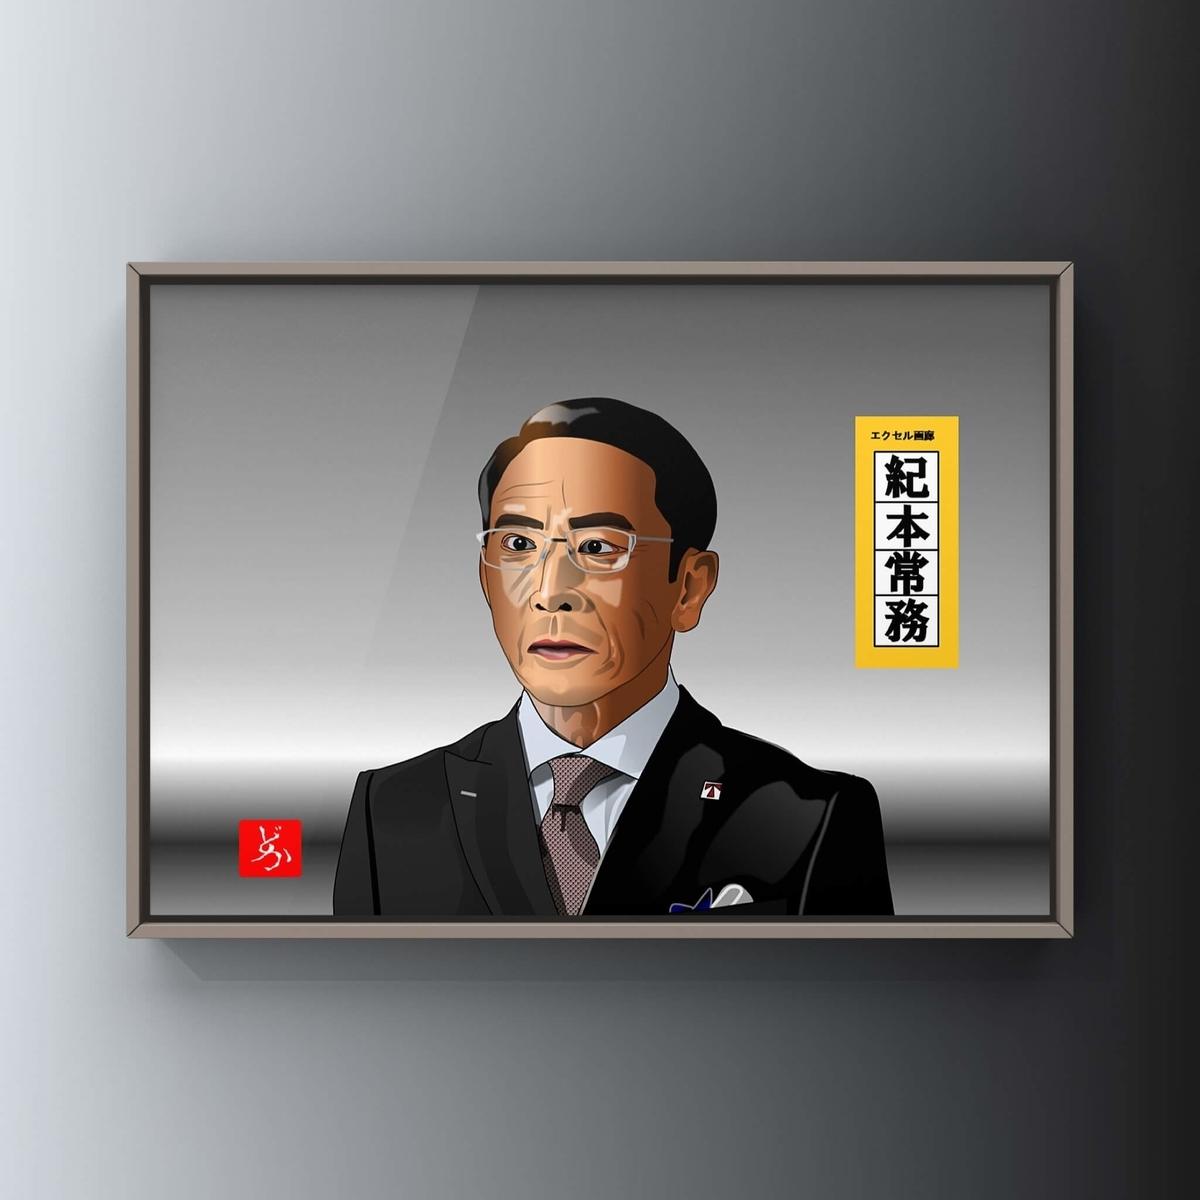 半沢直樹の紀本常務@段田安則のエクセル画イラスト額装版